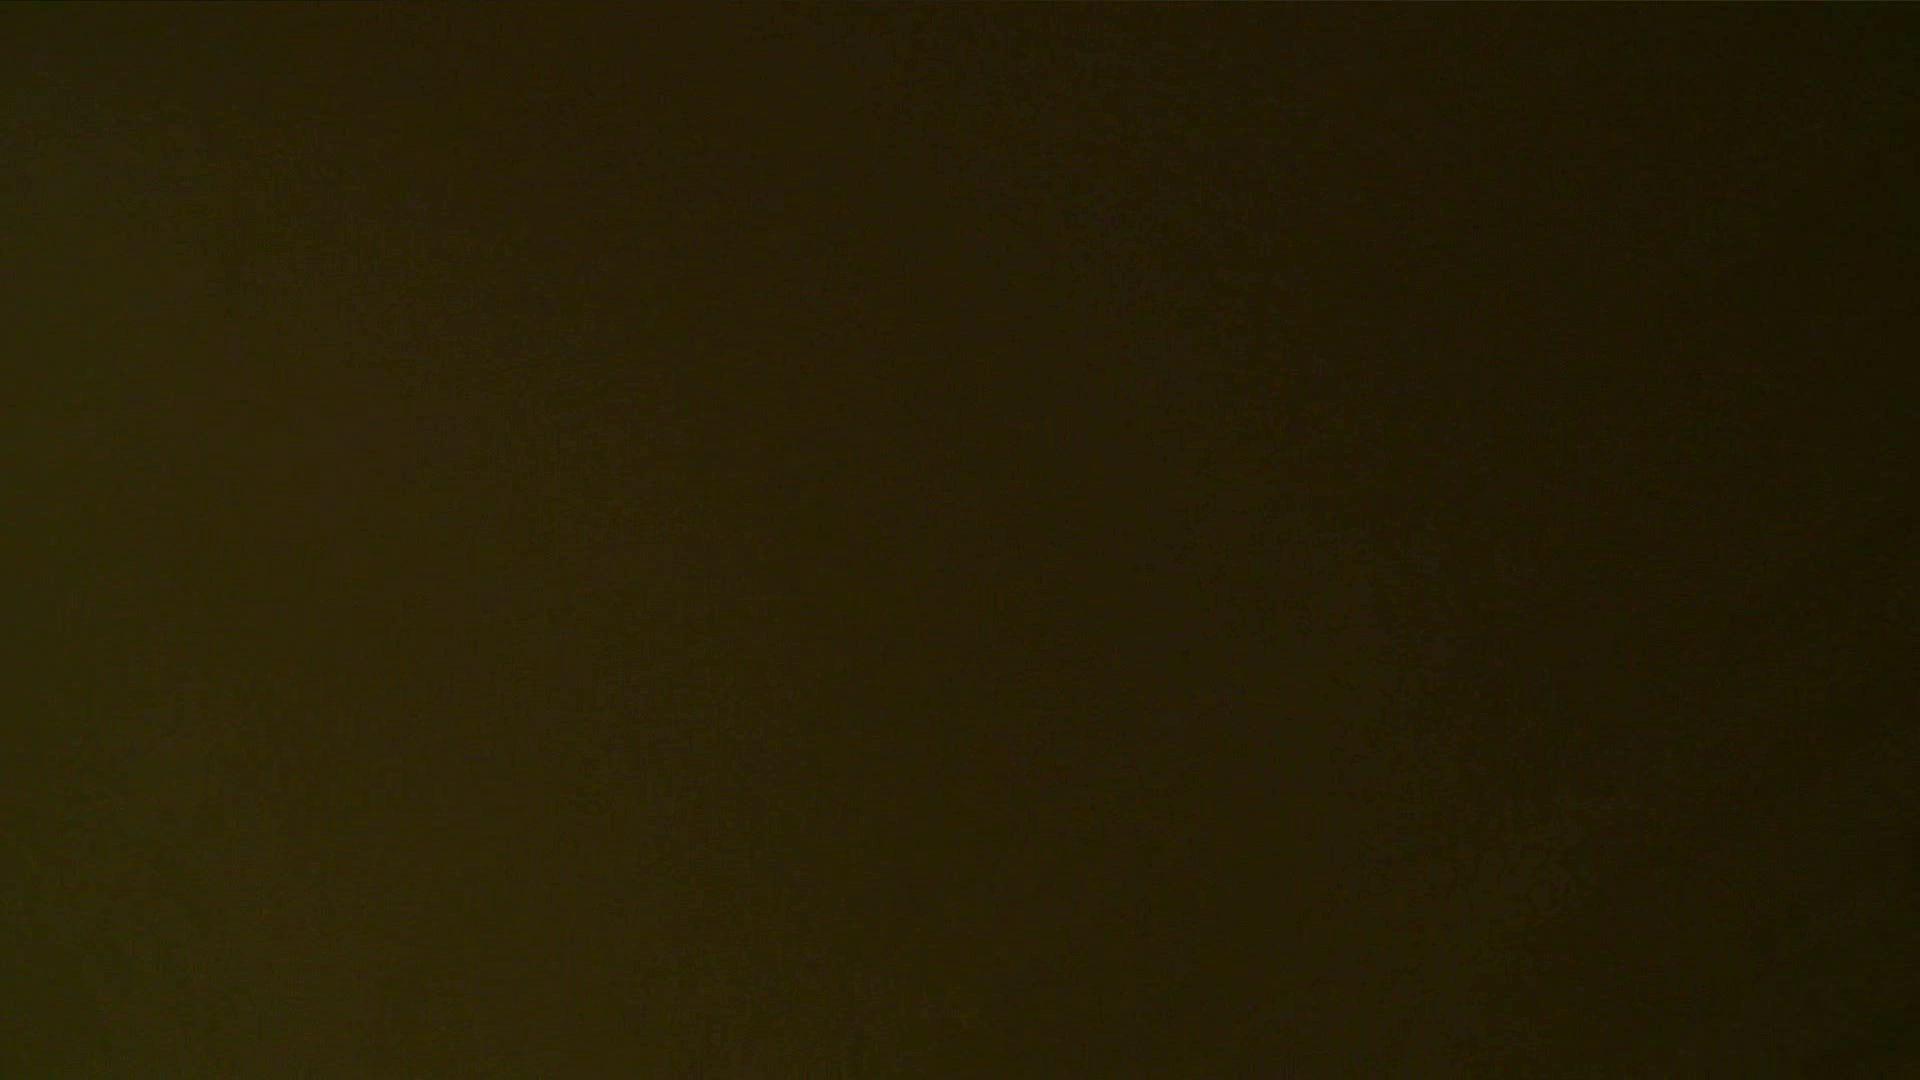 洗寿観音さんの 化粧室は四面楚歌Nol.4 洗面所  55連発 22